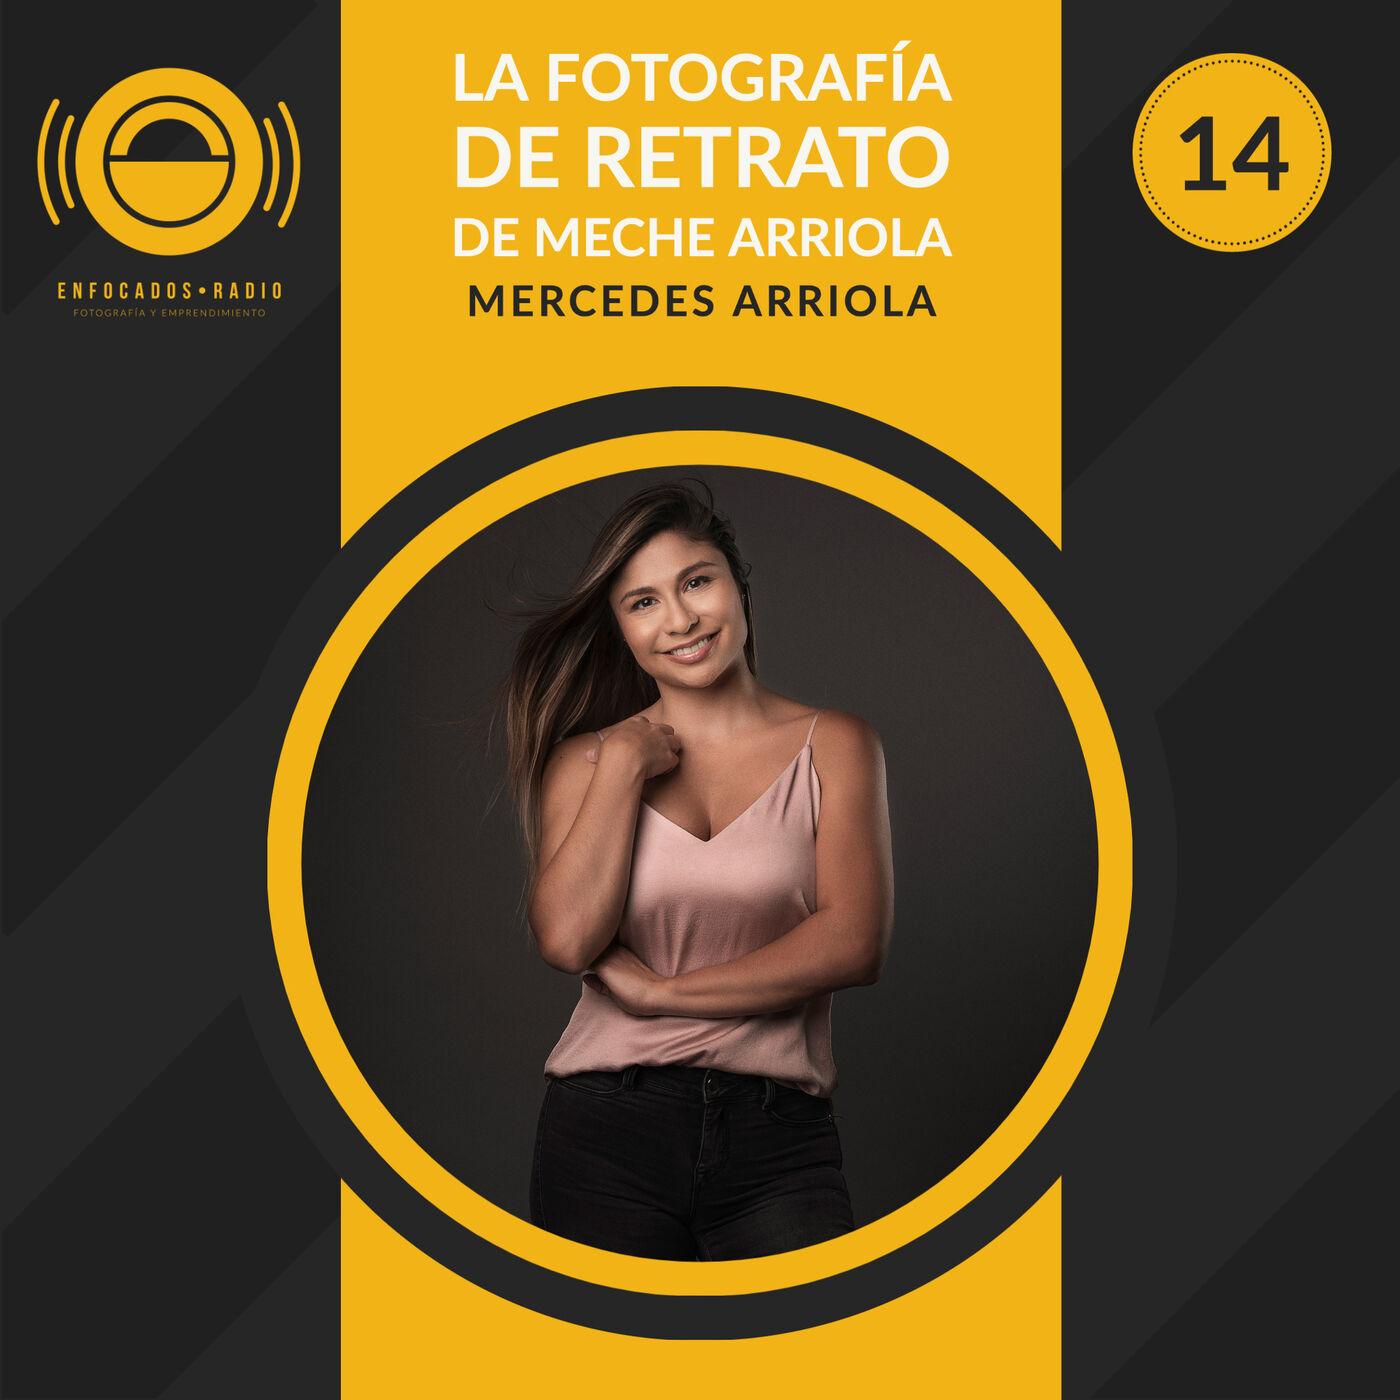 EP014: La fotografía de retrato de Meche Arriola